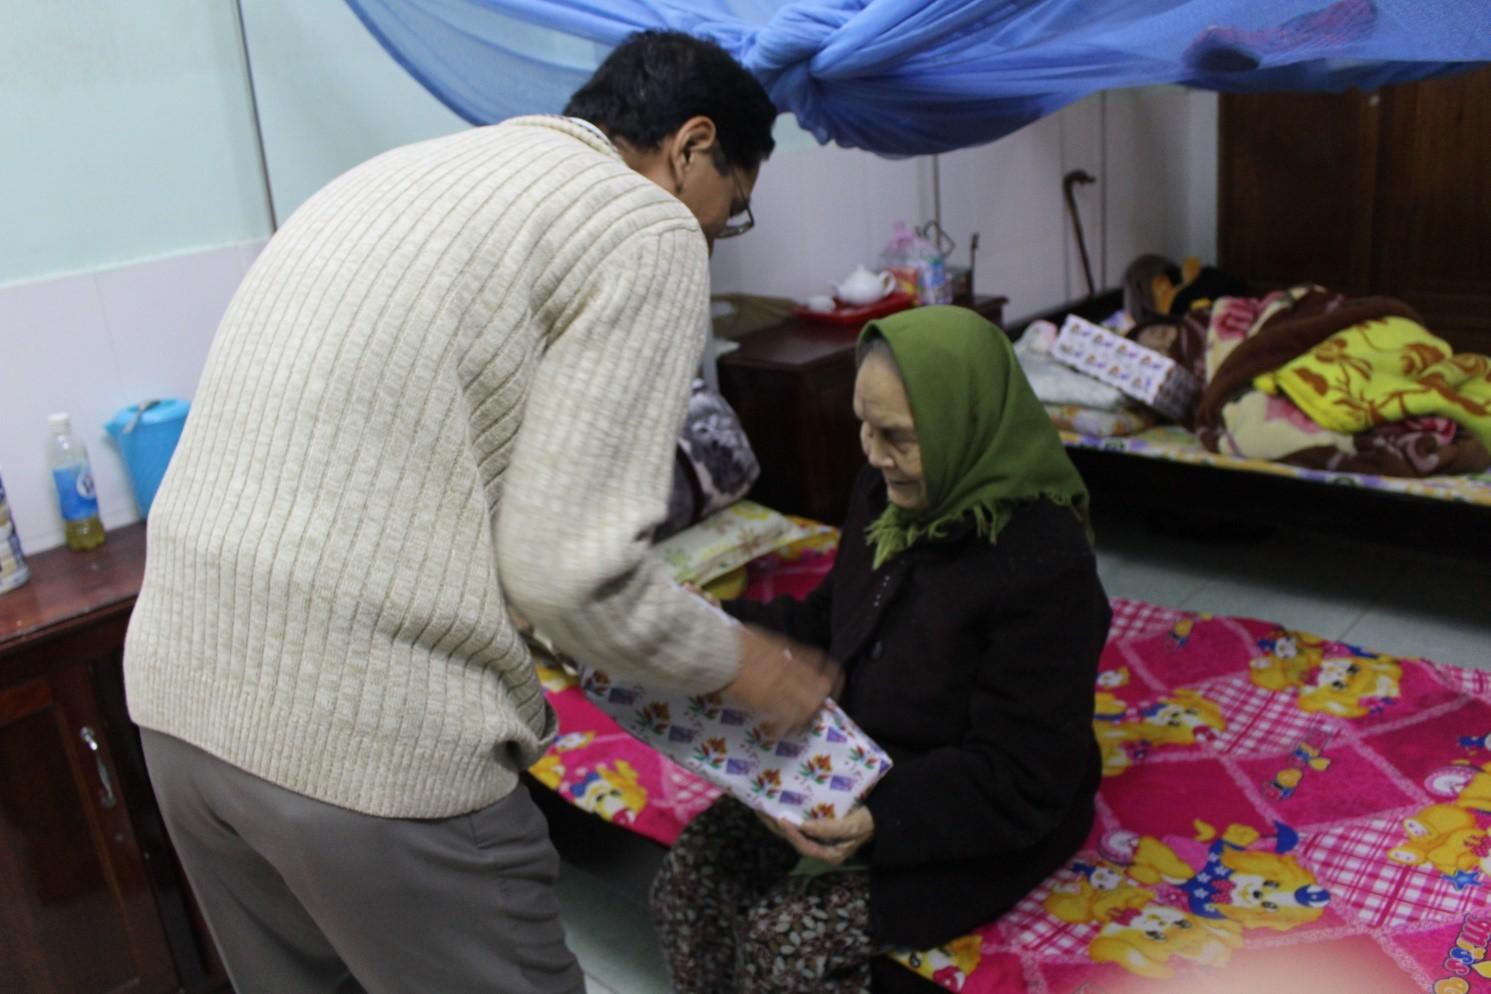 Thăm, tặng quà cho các cụ tại Trung tâm nuôi dưỡng người có công cách mạng, Tỉnh TT Huế